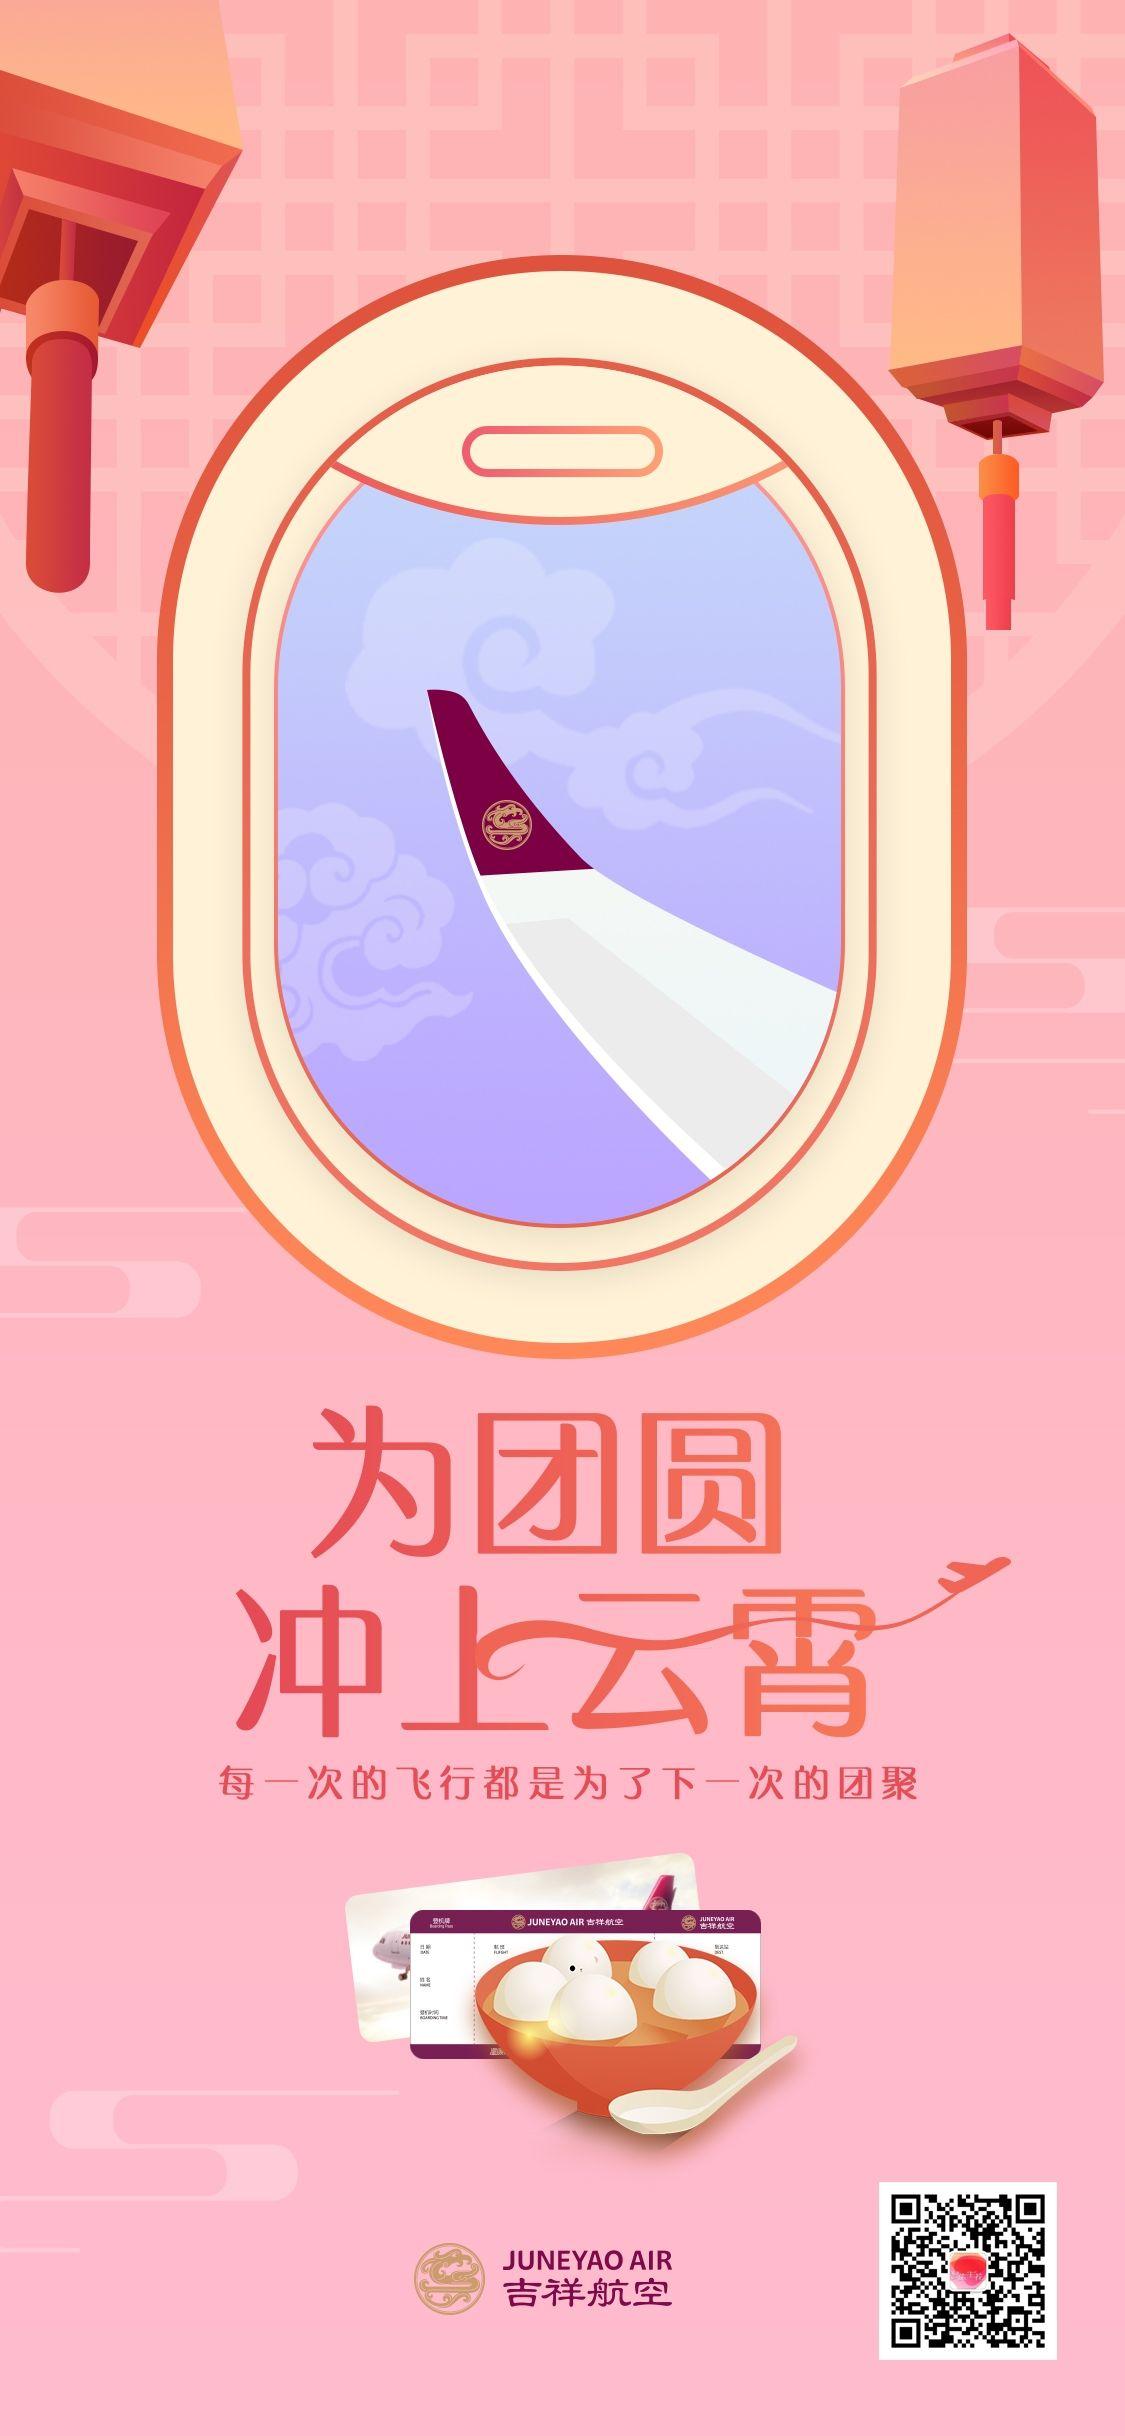 吉祥千岛娱乐 2019年元宵节